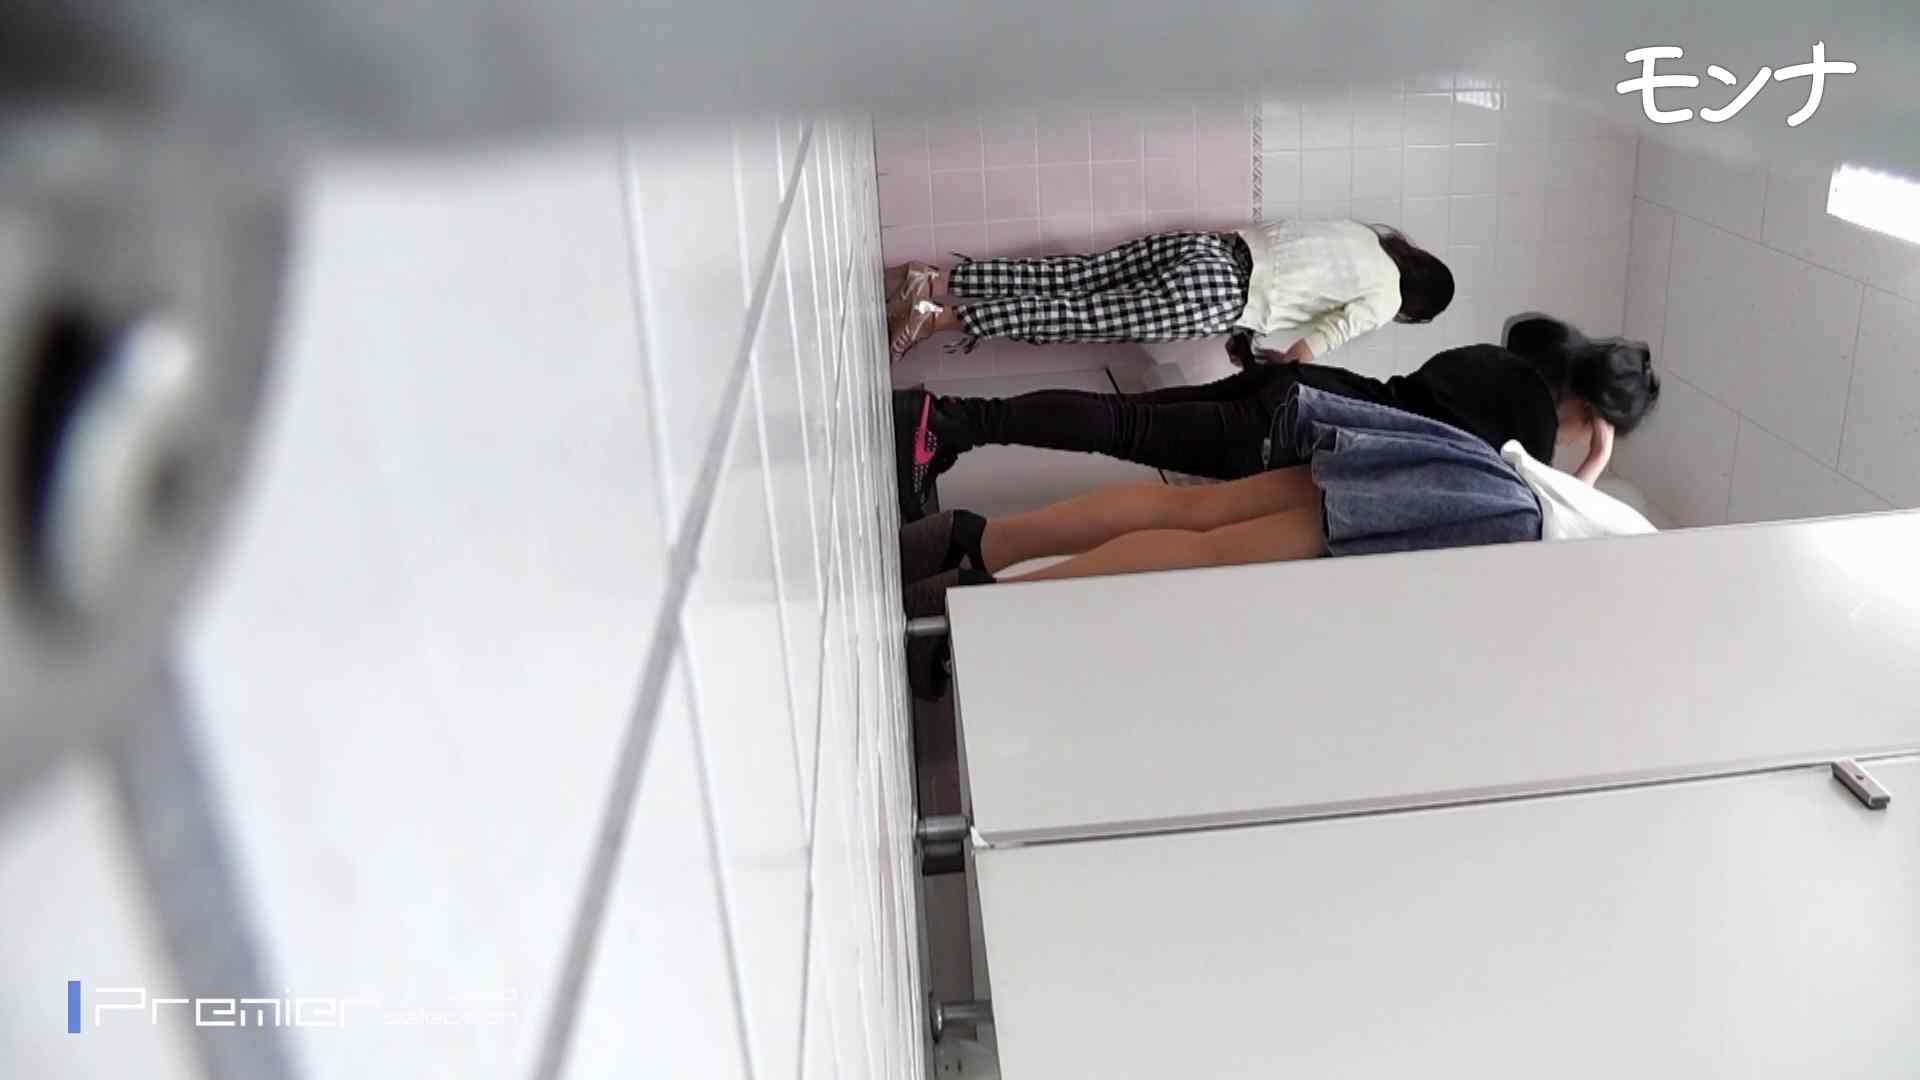 美しい日本の未来 No.83身近によく見かける、普通の女の子を集めてみた むっちりガール AV無料動画キャプチャ 102枚 8